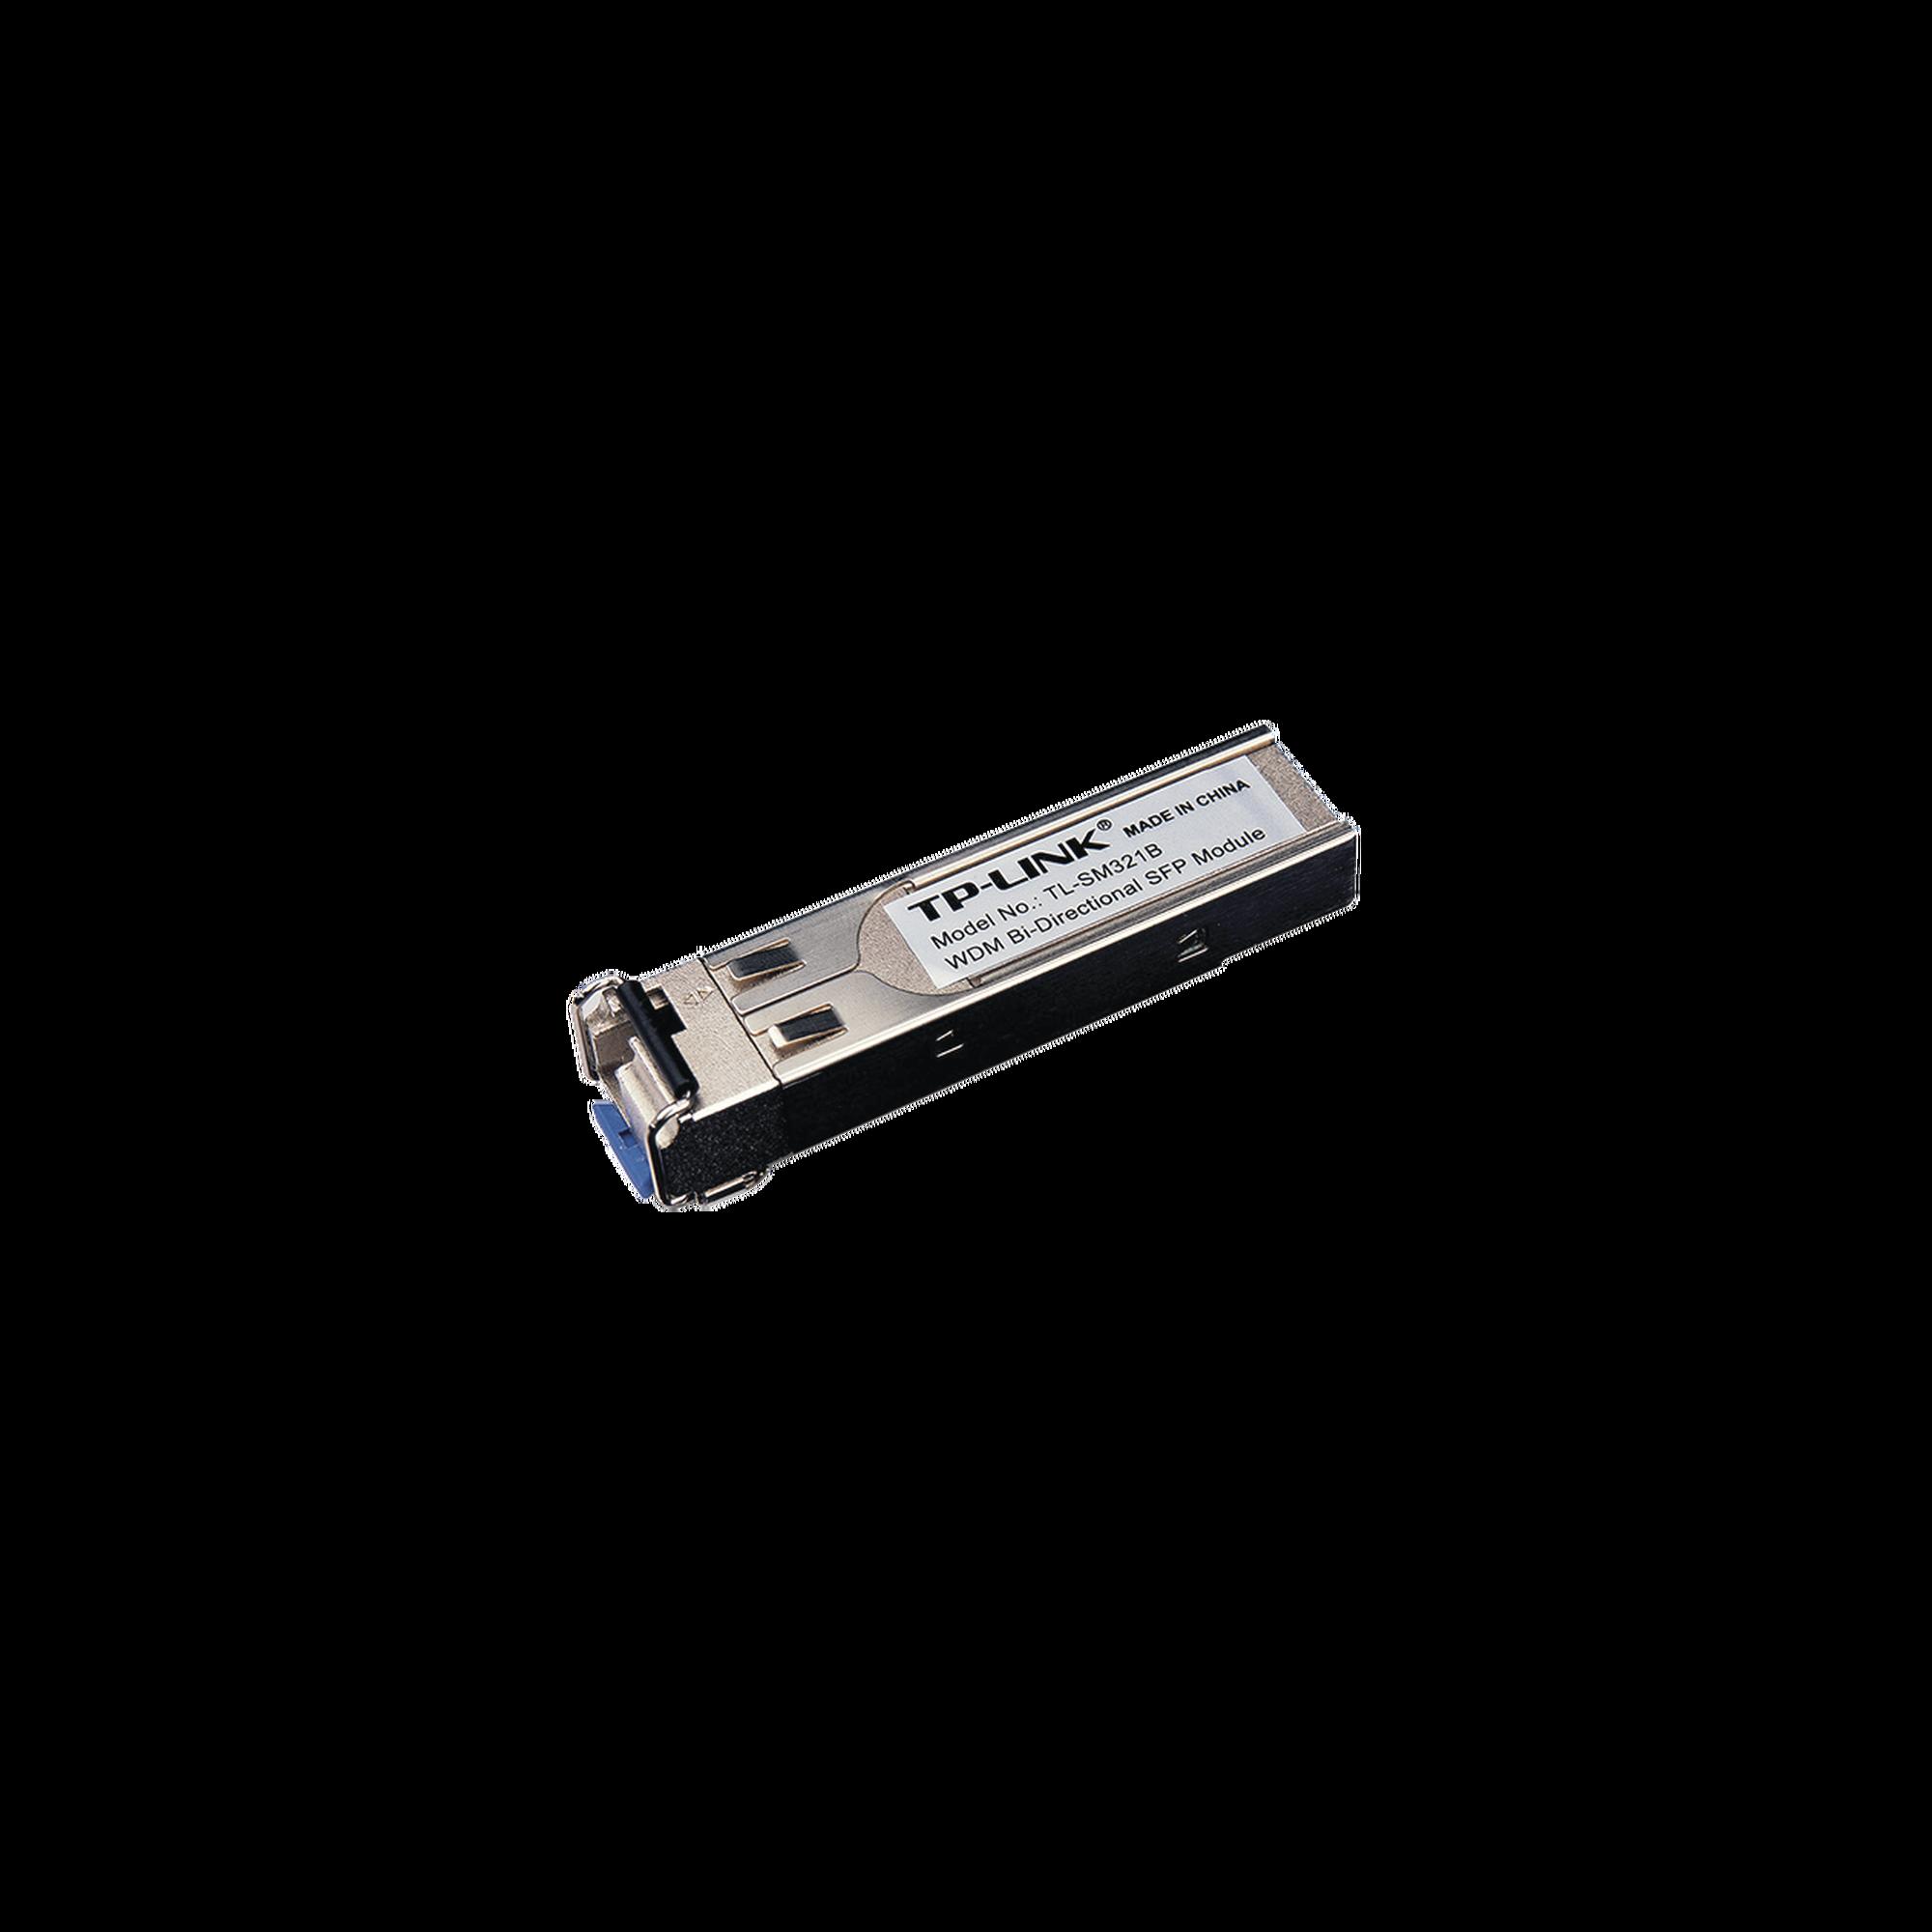 Transceptor mini-GBIC SFP Bi-Direccional Monomodo 1000X, Distancia 10 KM, conector LC (requiere TL-SM321A para enlazar)